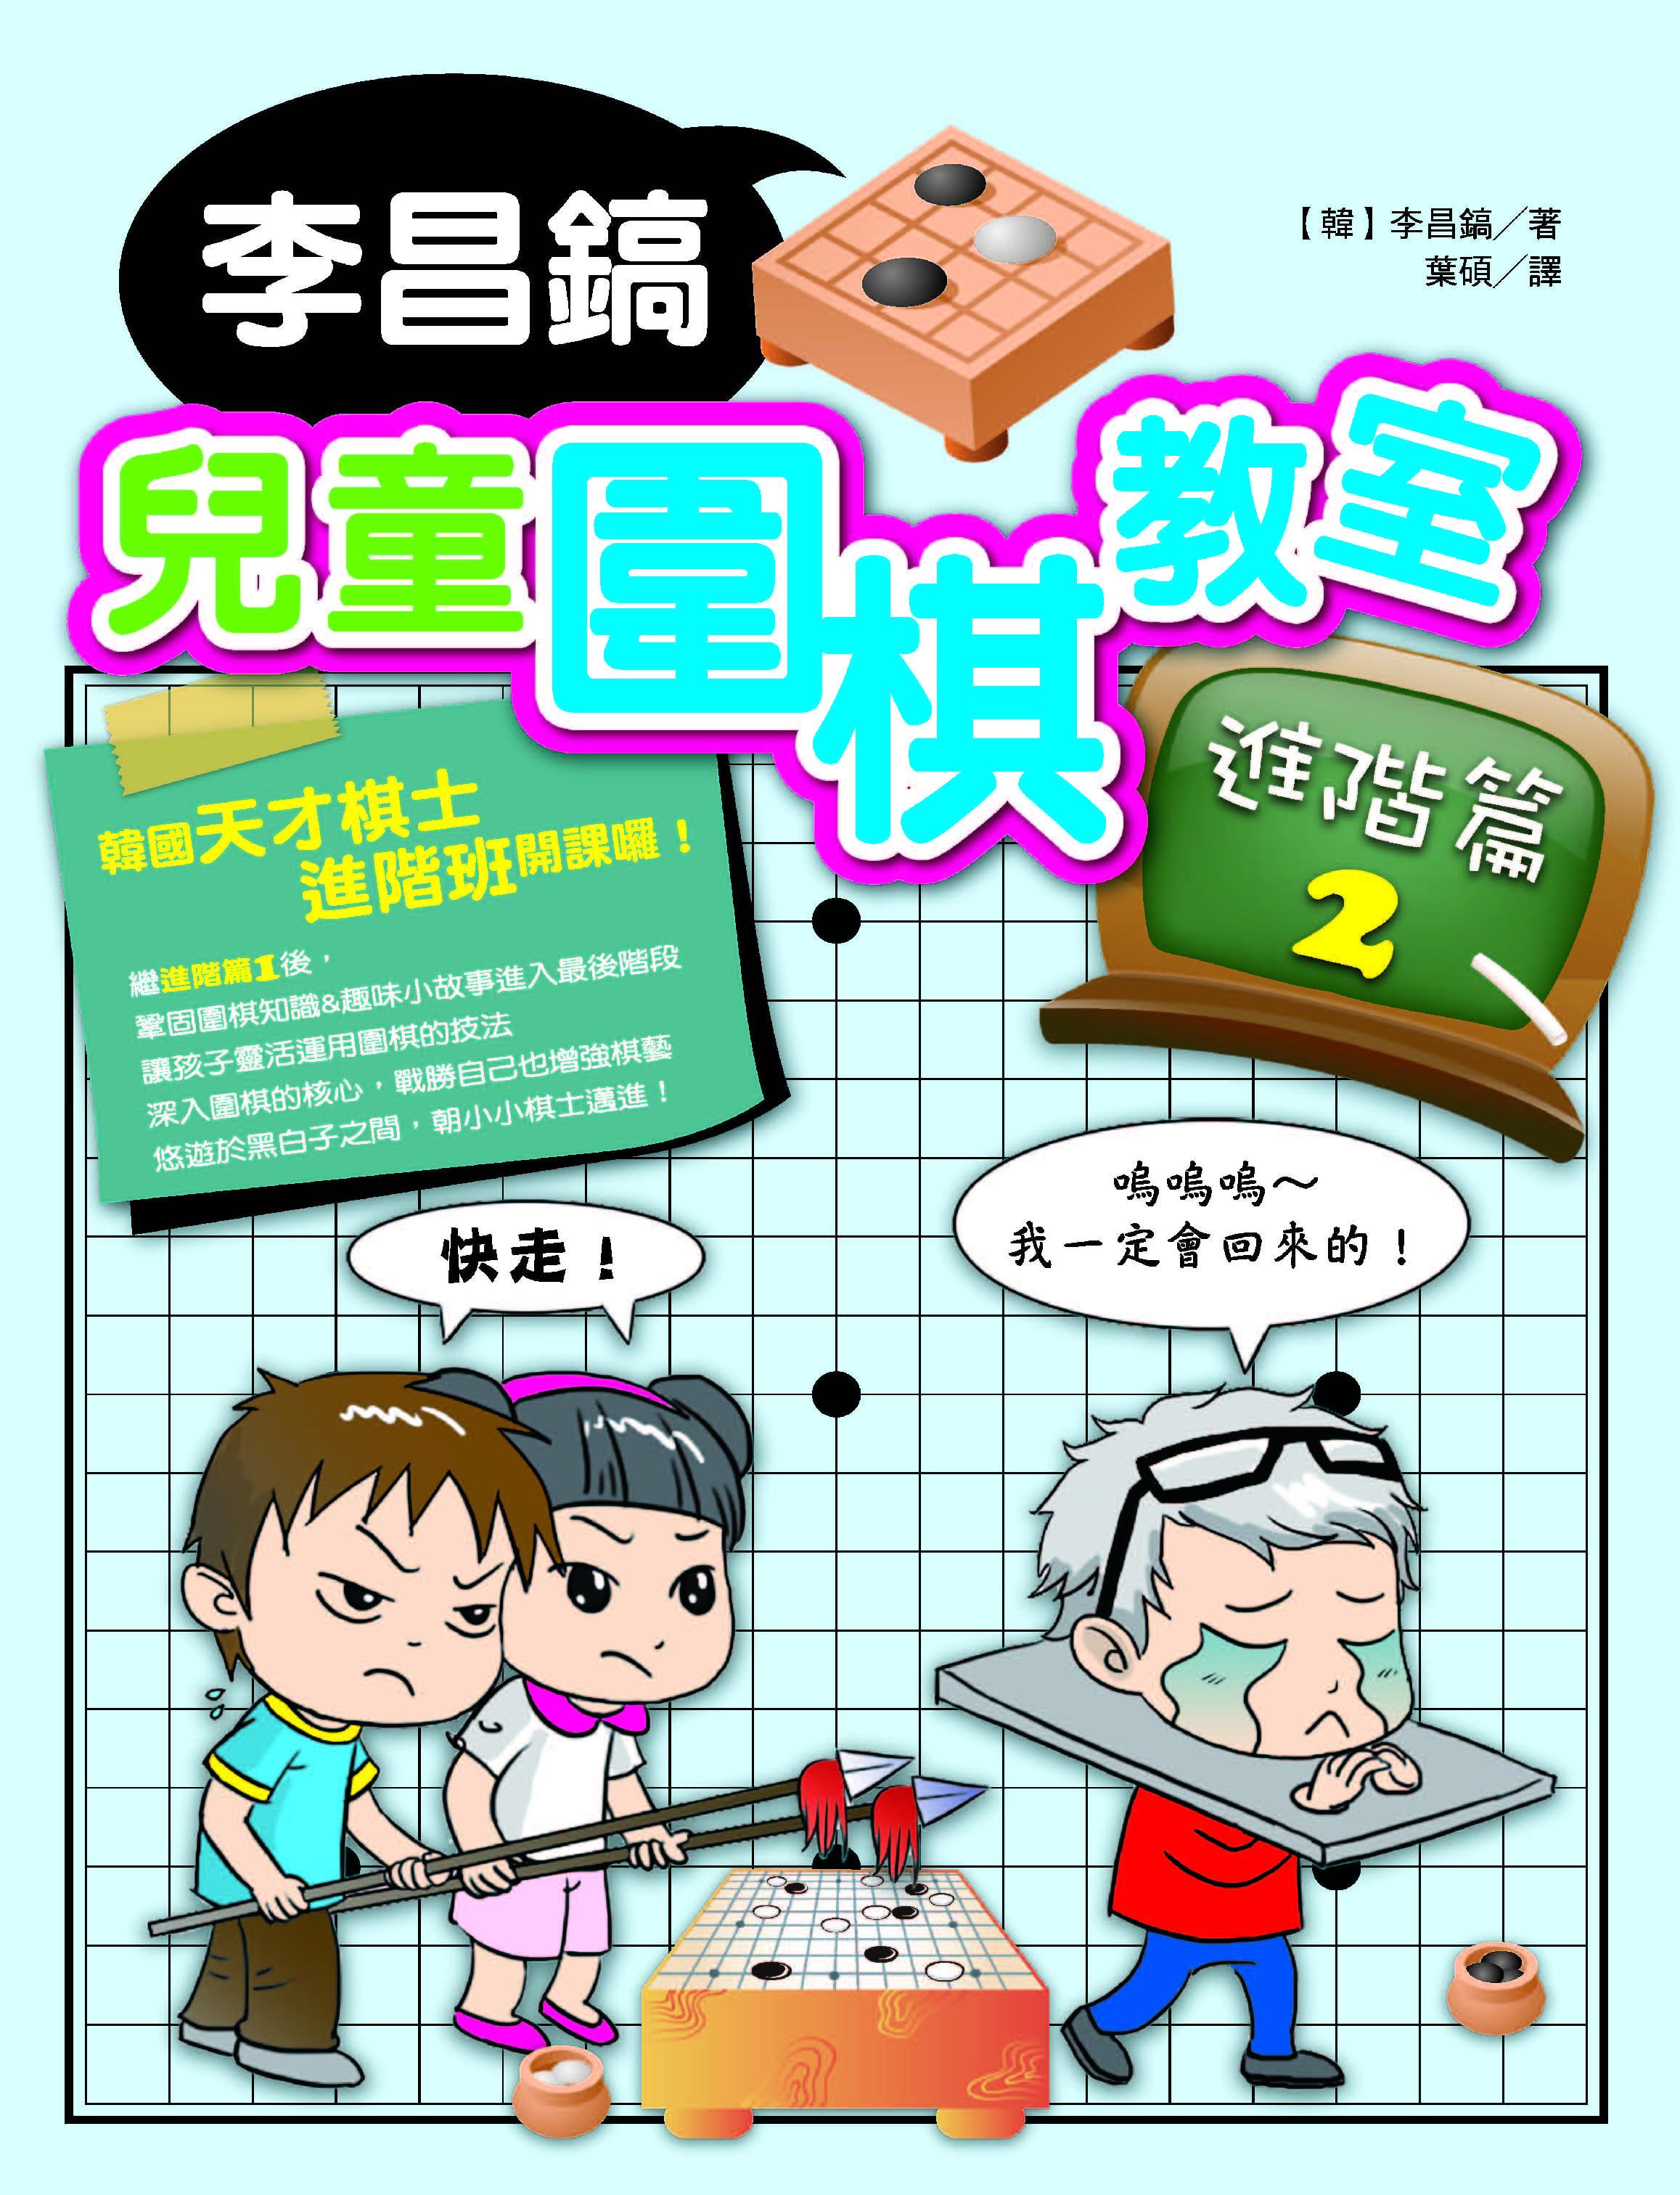 李昌鎬兒童圍棋教室- 進階篇- 2